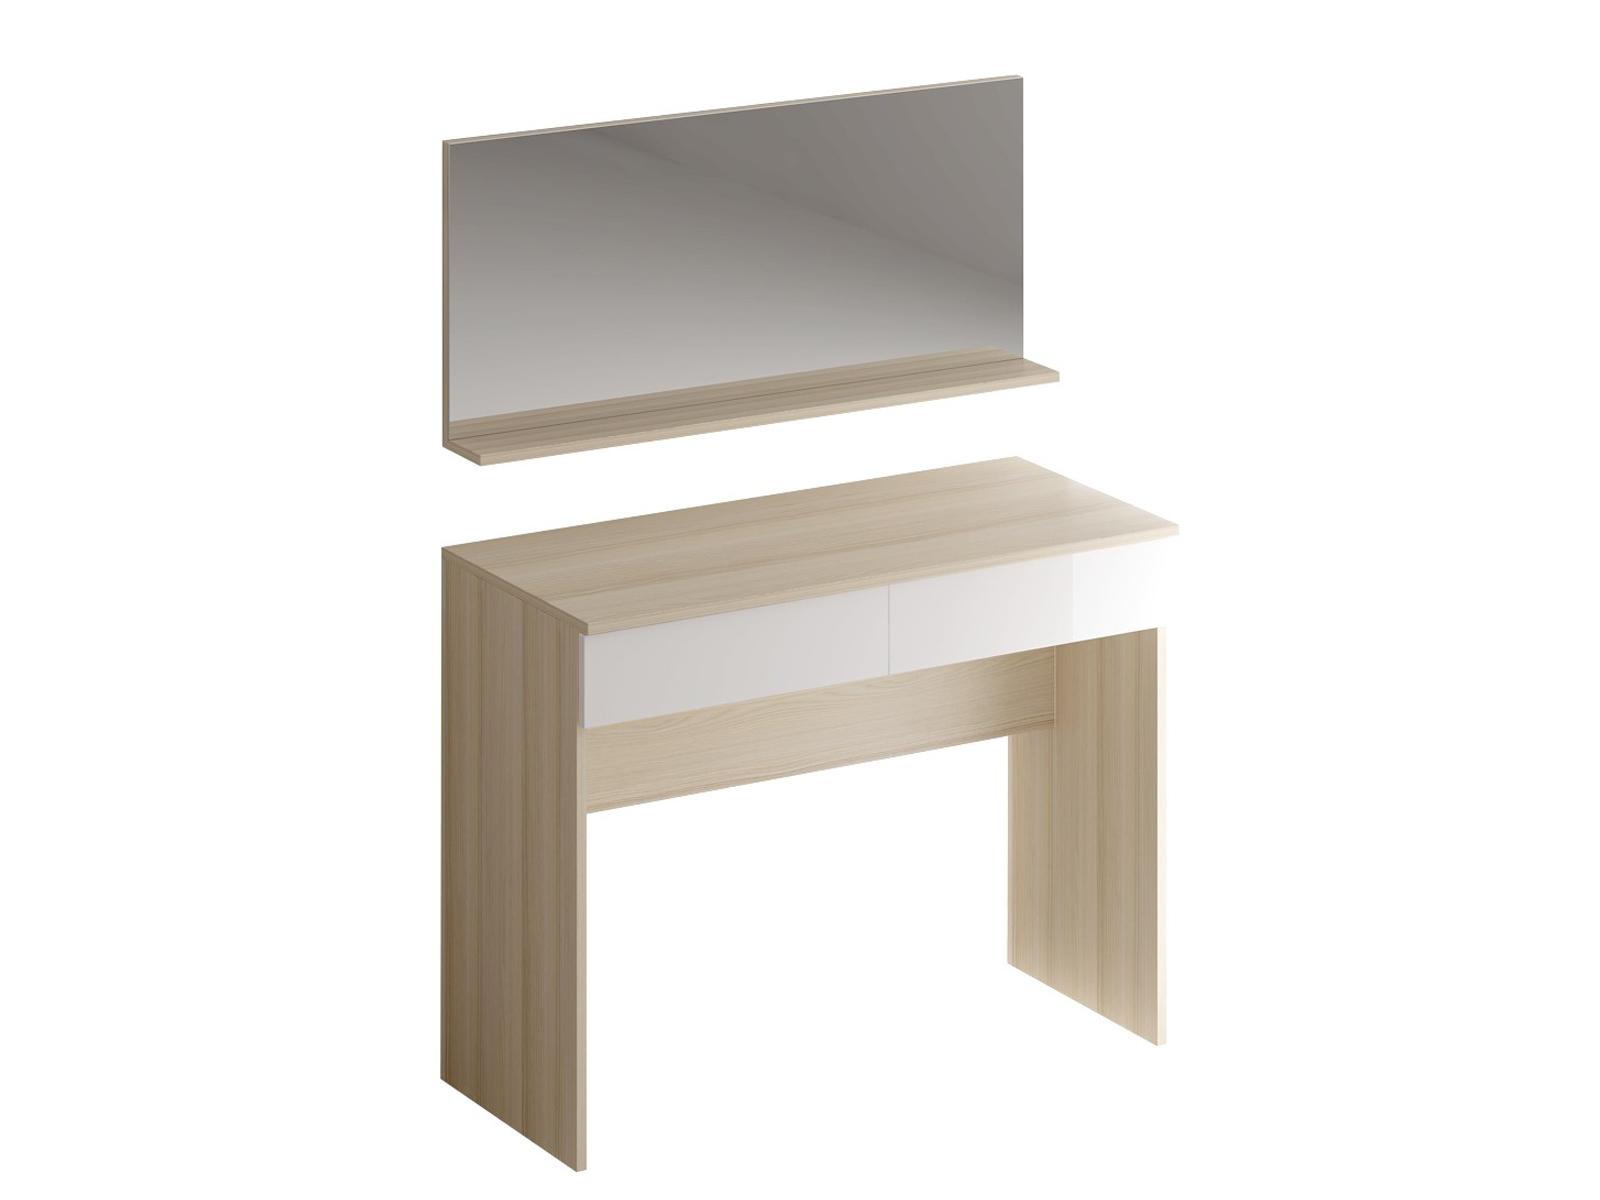 Туалетный столик с зеркалом UnoТуалетные столики<br>Туалетный столик с двумя выдвижными ящиками и зеркалом.<br><br>Material: ДСП<br>Length см: None<br>Width см: 100<br>Depth см: 45<br>Height см: 123